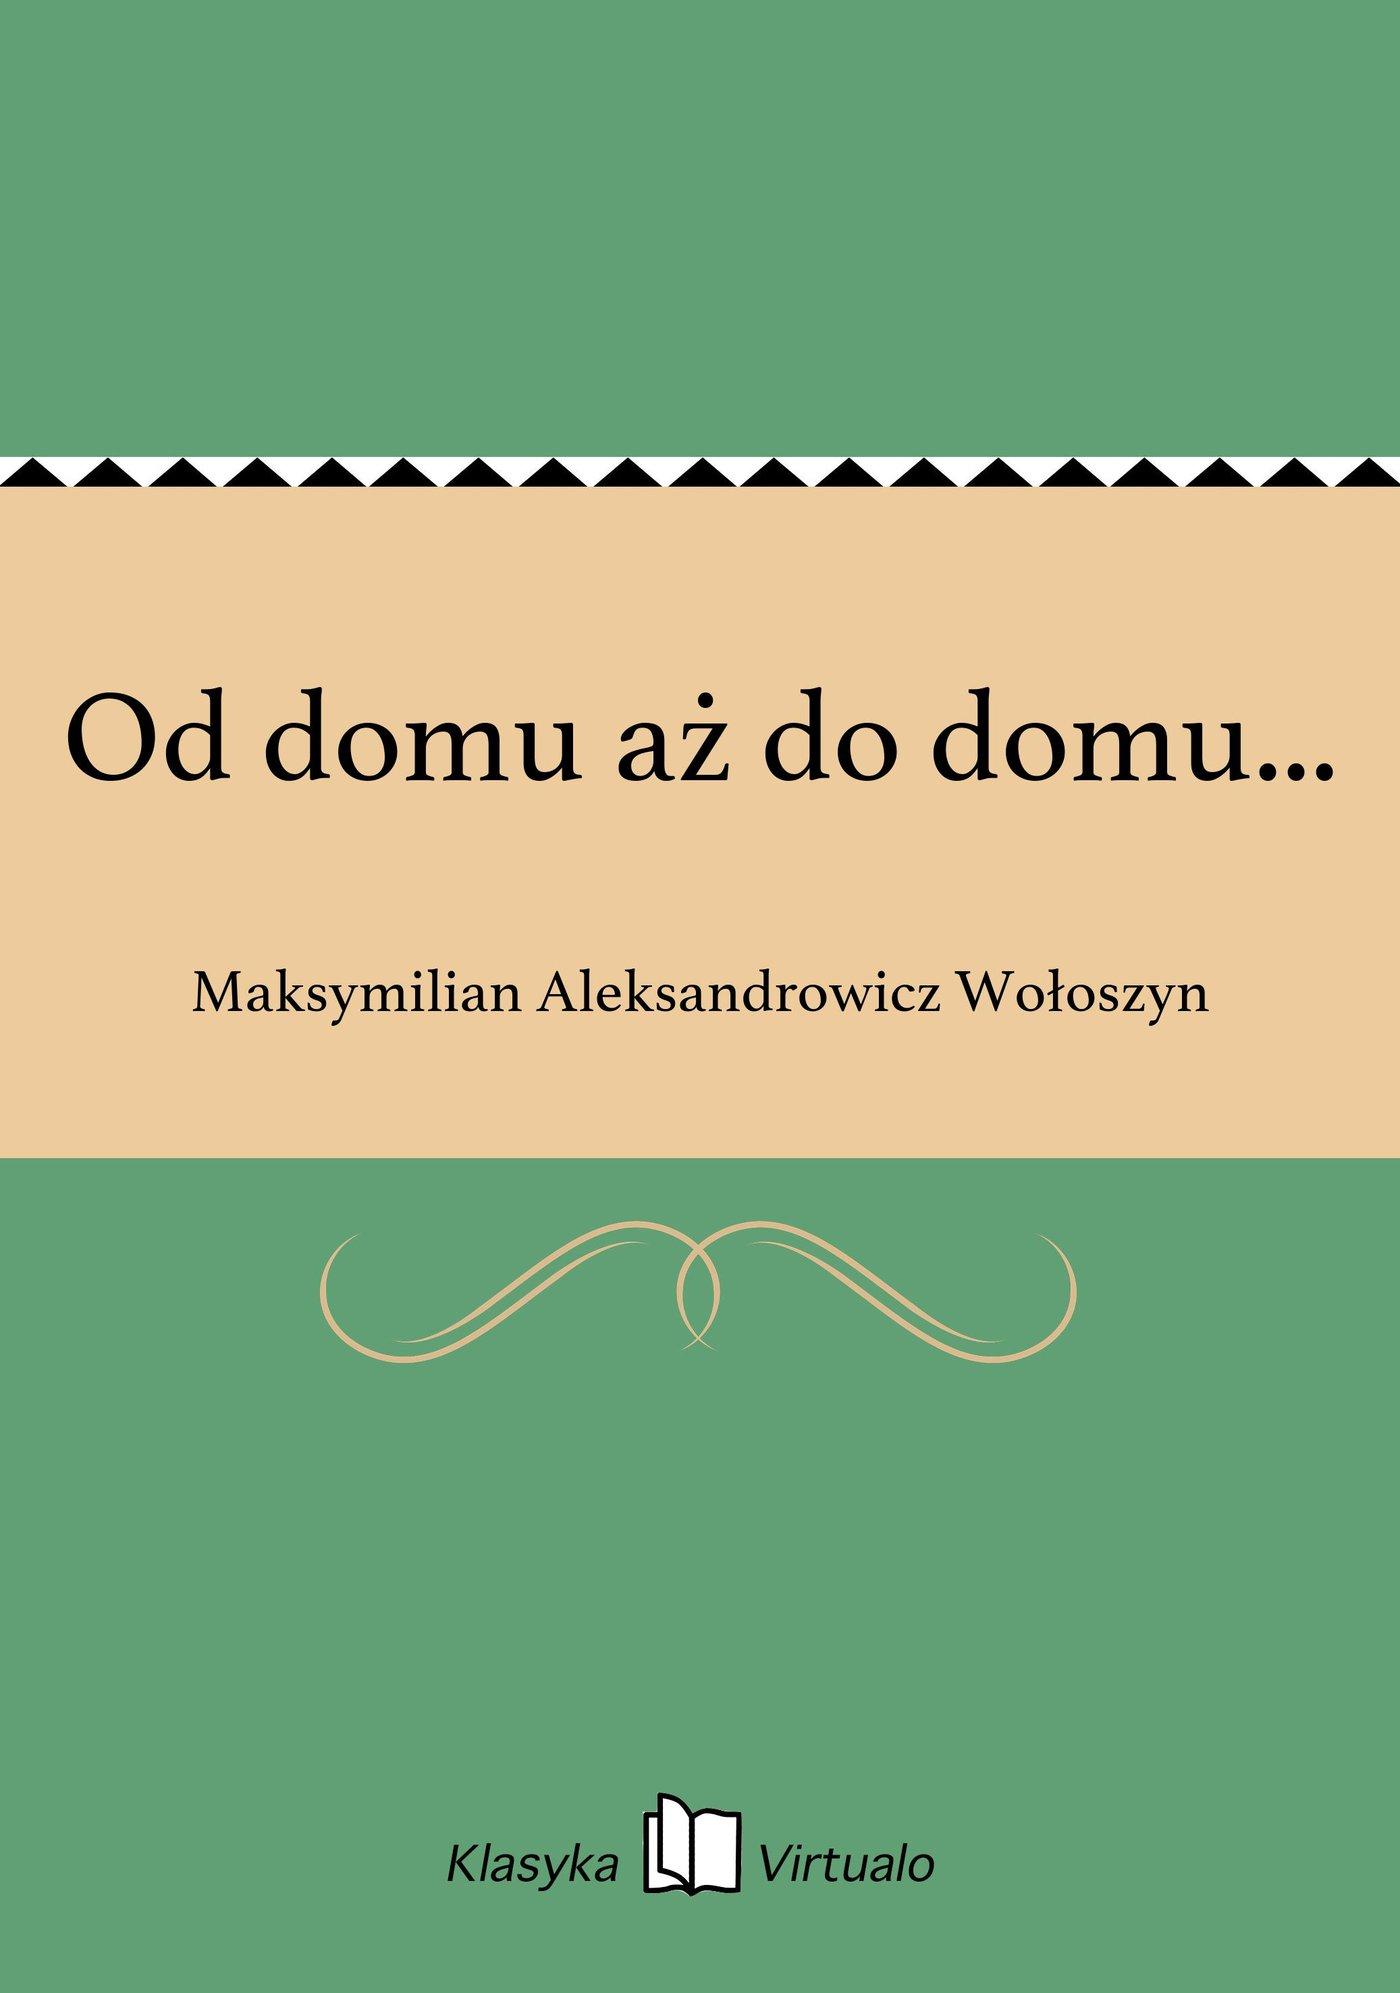 Od domu aż do domu... - Ebook (Książka na Kindle) do pobrania w formacie MOBI